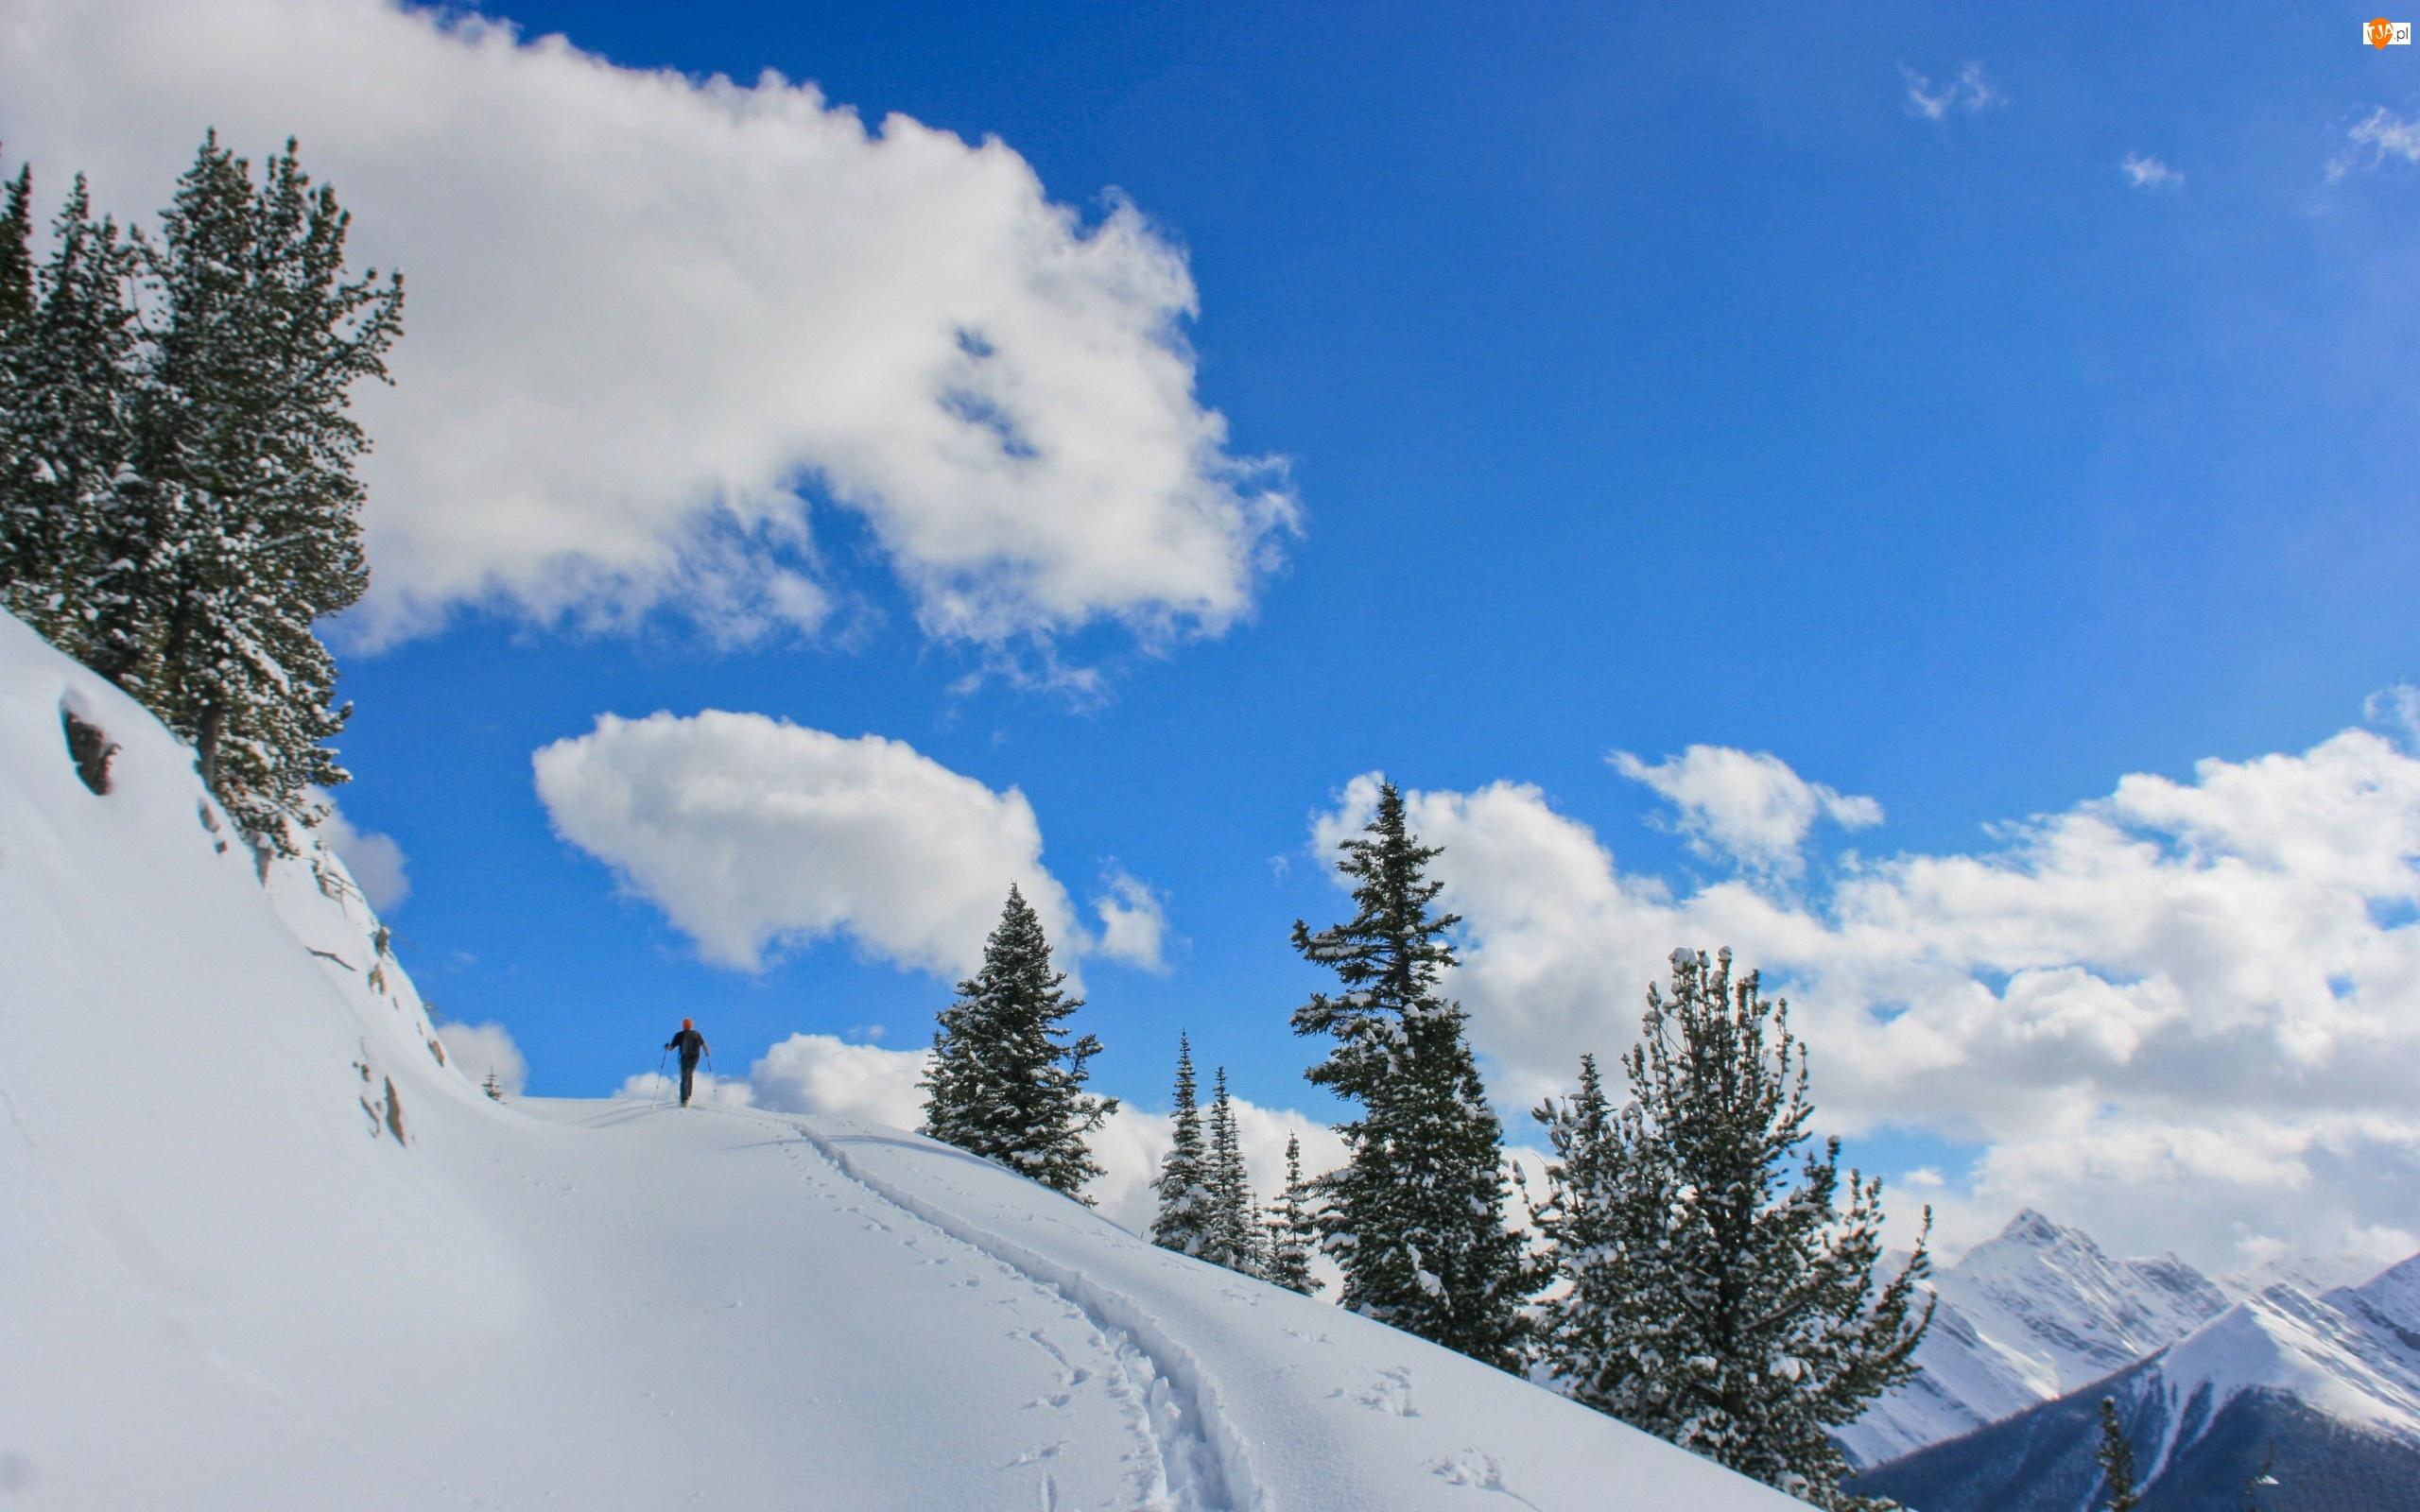 Zima, Góry, Chmury, Narciarz, Drzewa